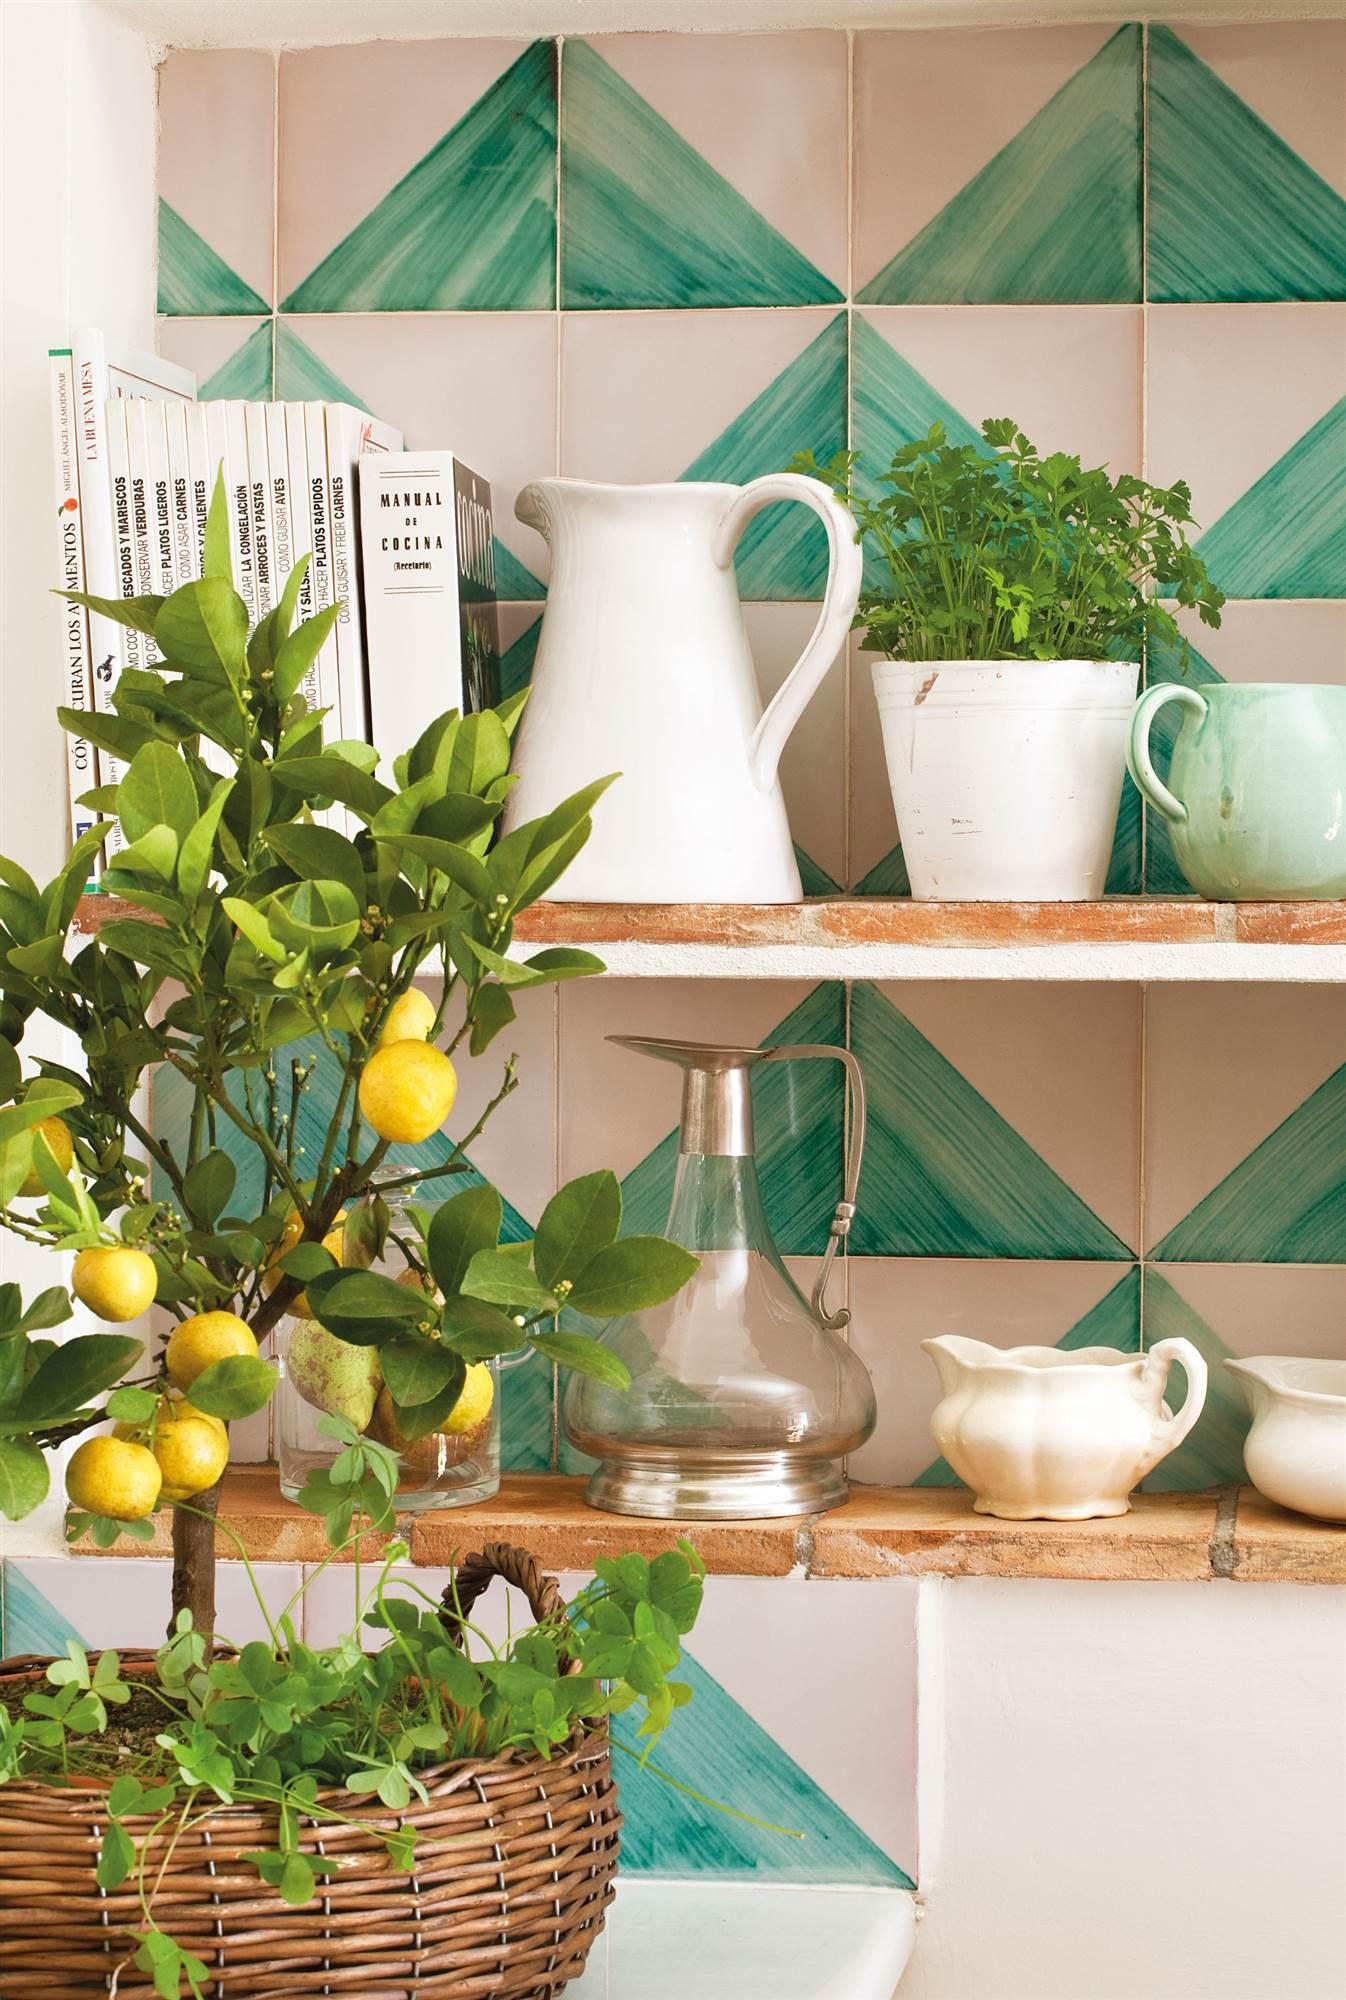 Soluciones decorativas con pintura - Azulejos pintados cocina ...